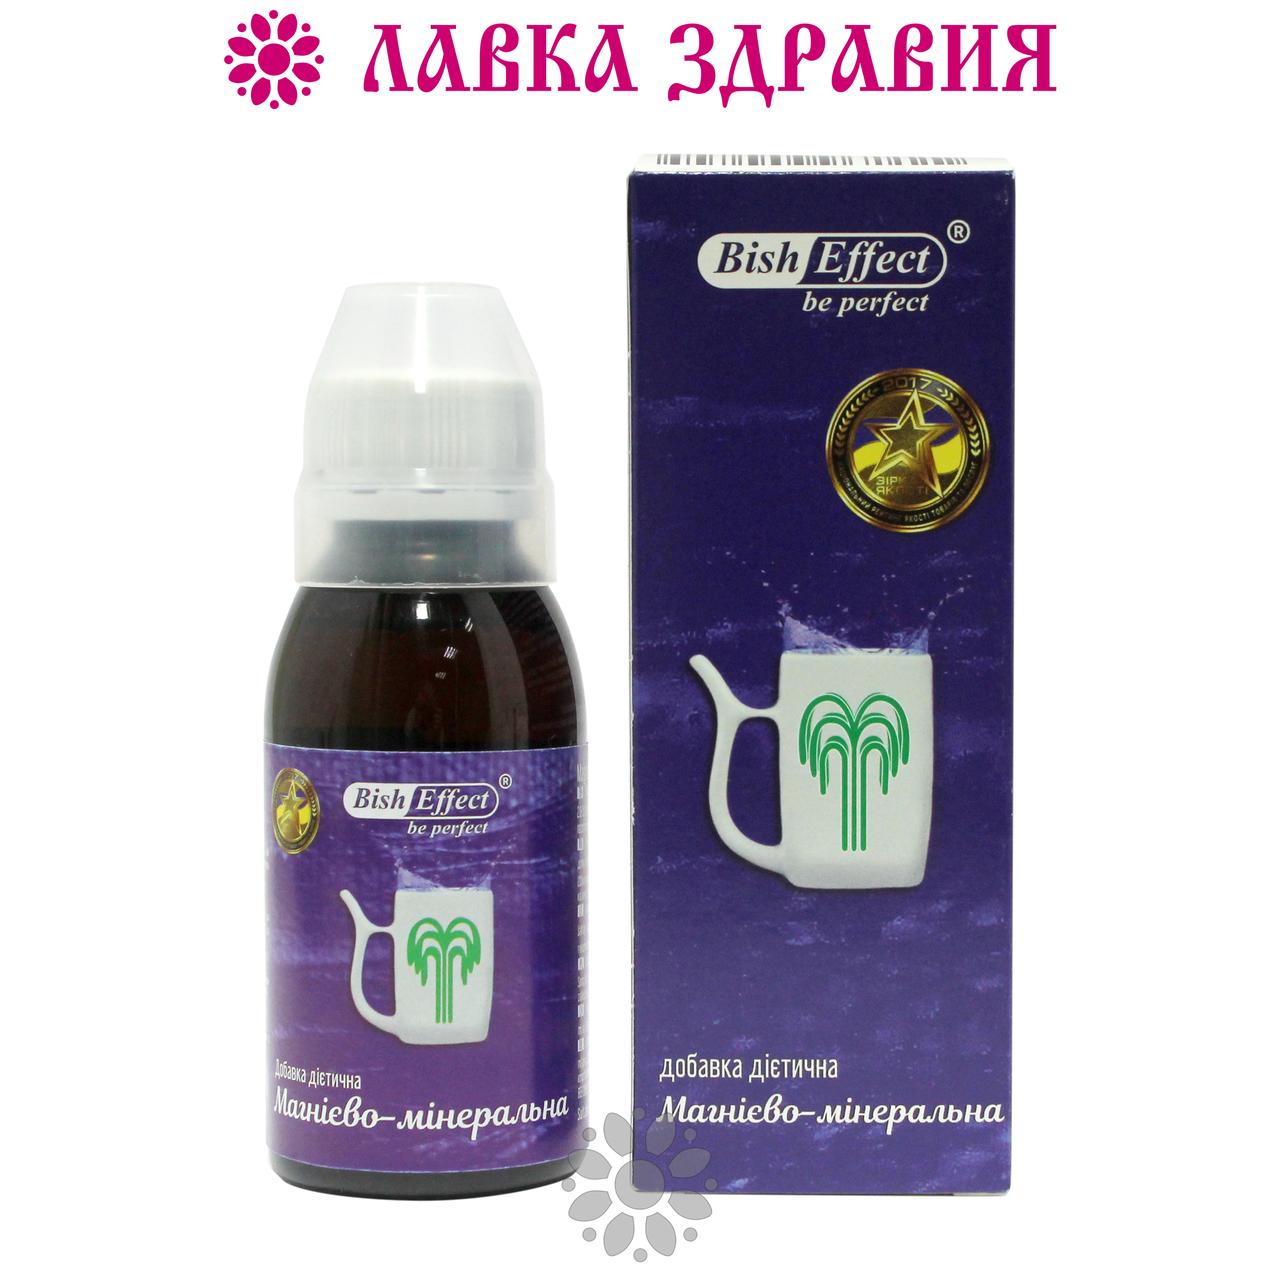 Магниево-минеральная добавка для внутреннего применения, 100 мл, Bish Effect